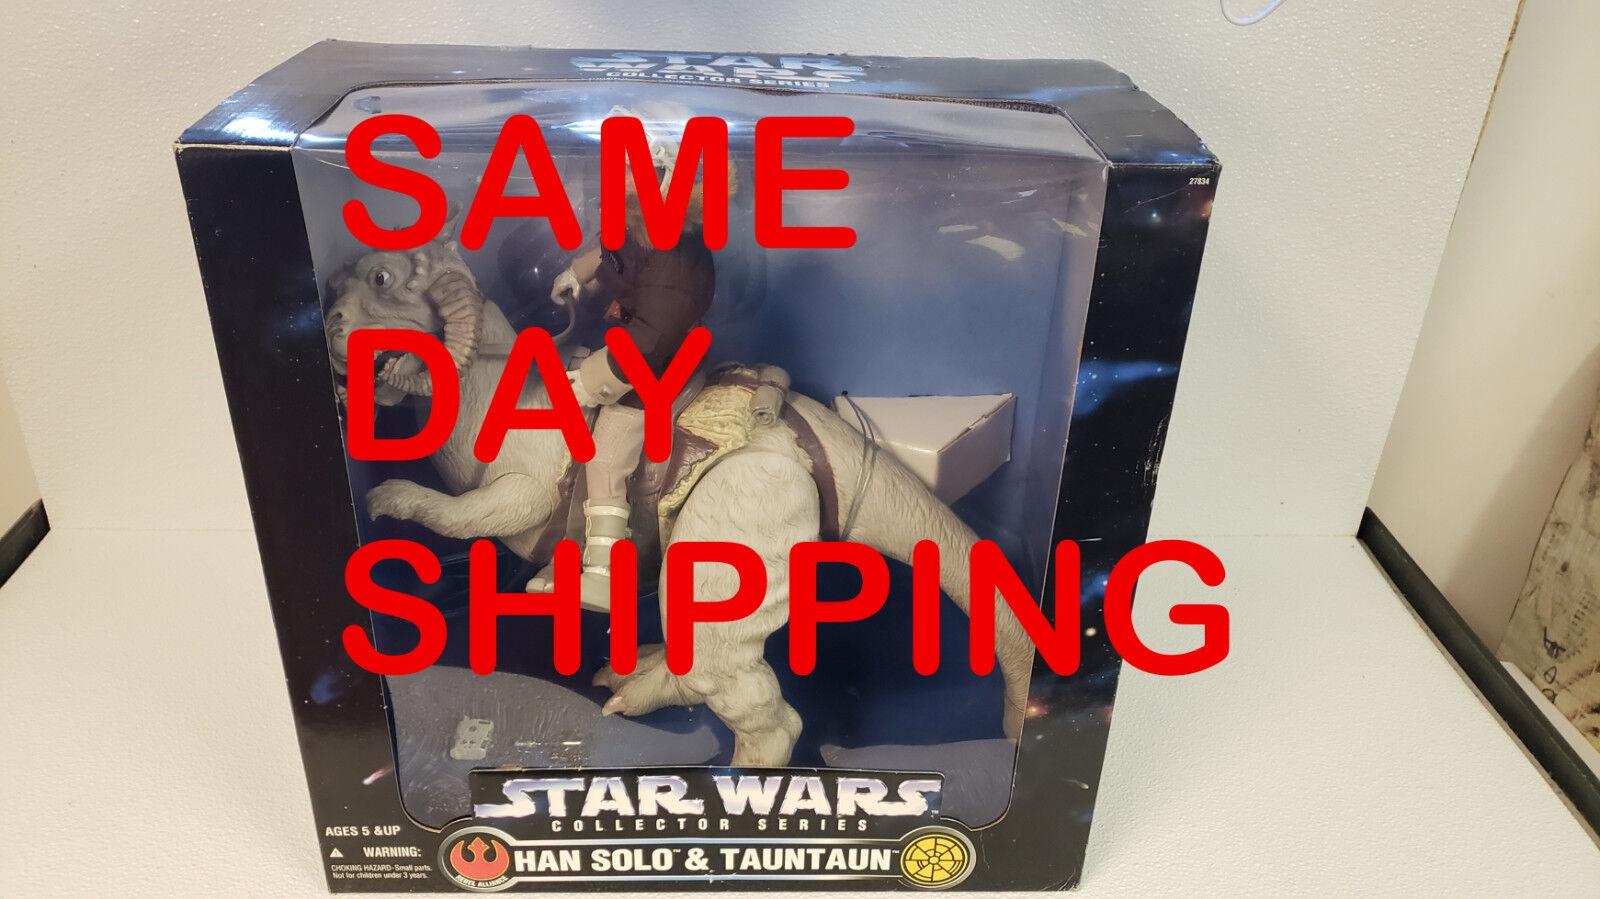 moda clasica Serie de coleccionista de Estrella Wars Han Han Han Solo & Tauntaun artículo 800205-R1  edición limitada